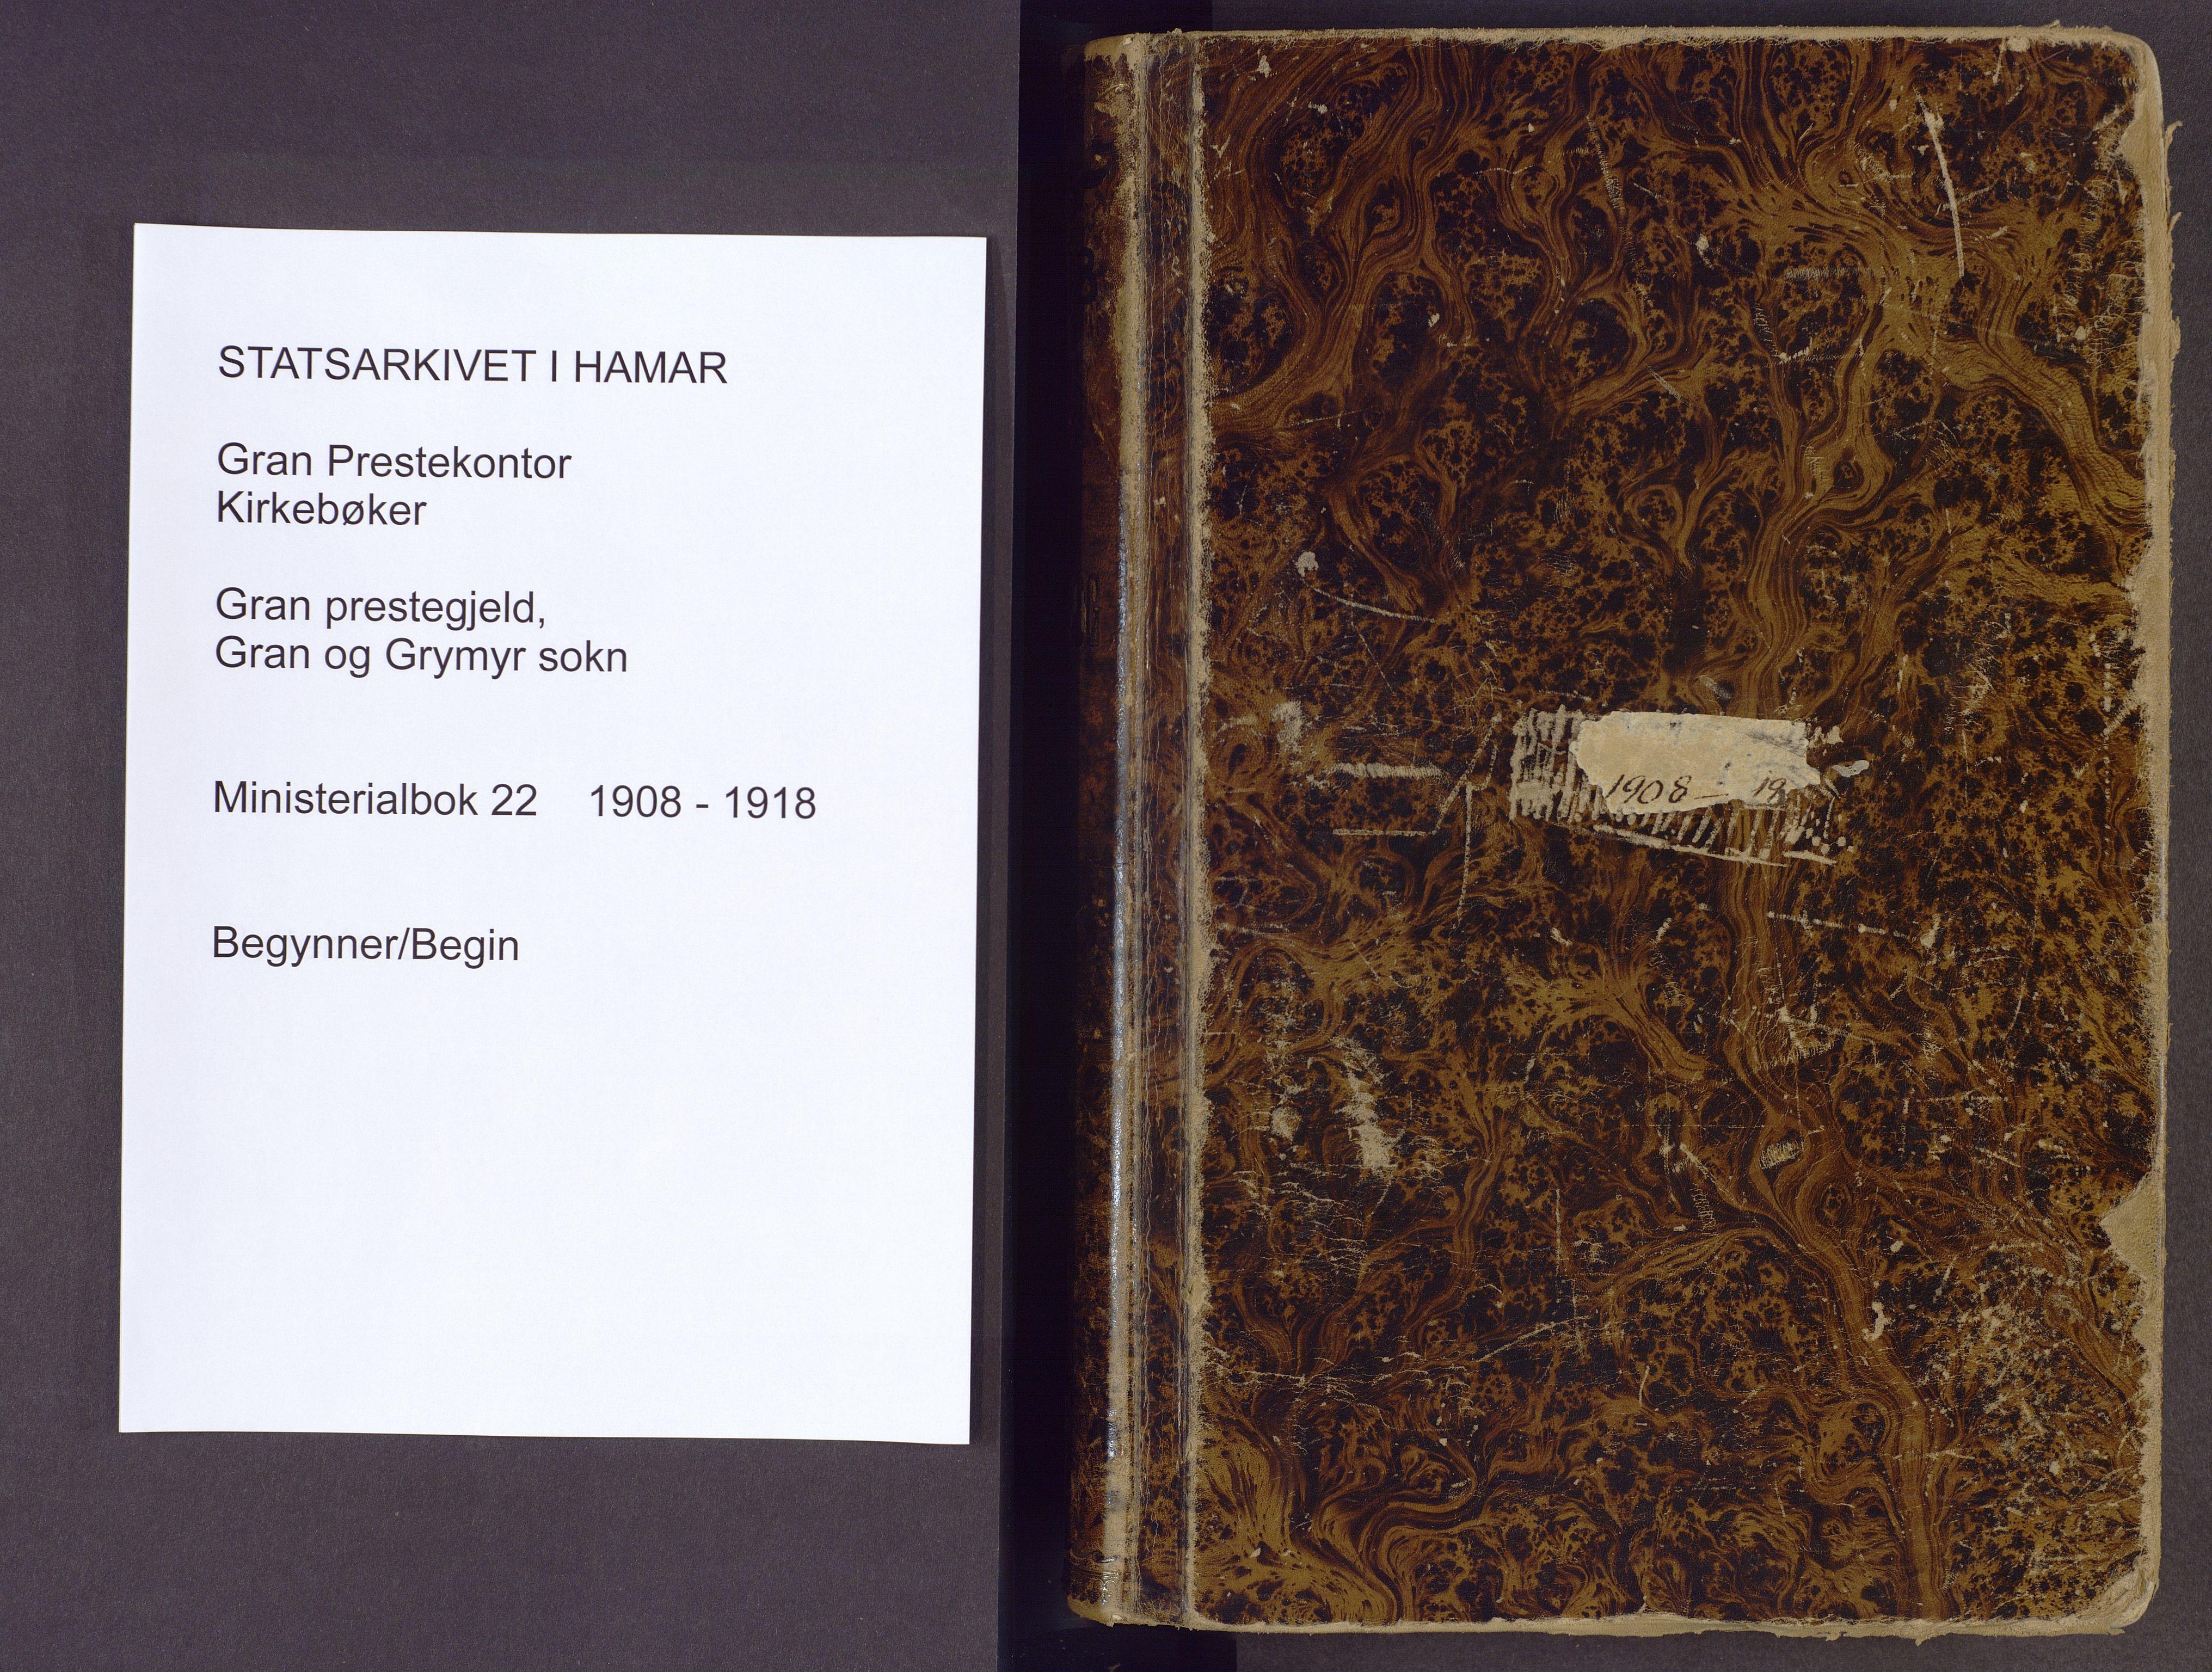 SAH, Gran prestekontor, Parish register (official) no. 22, 1908-1918